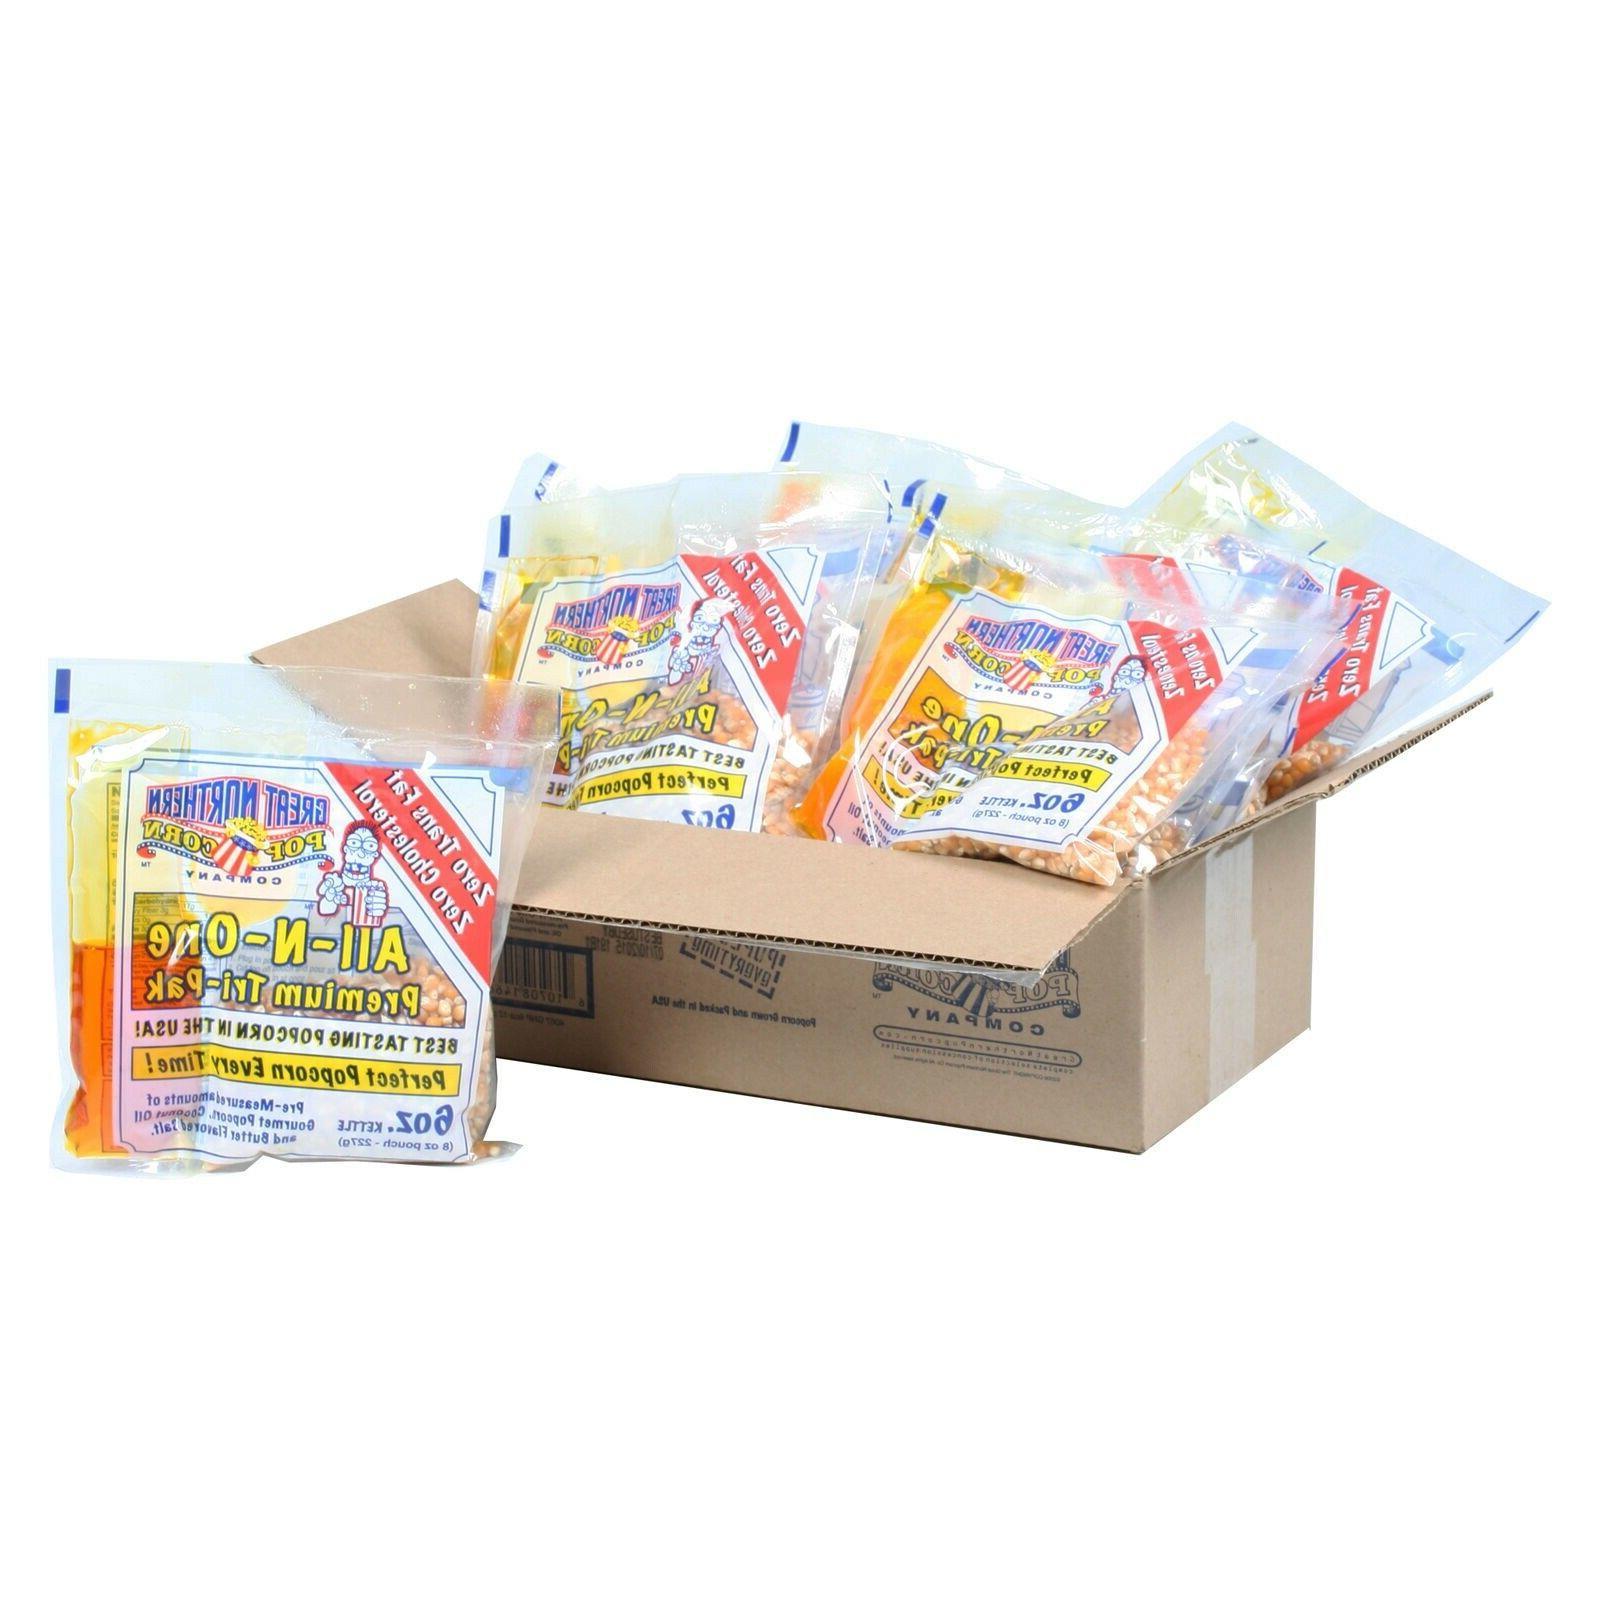 1 case portion packs kit